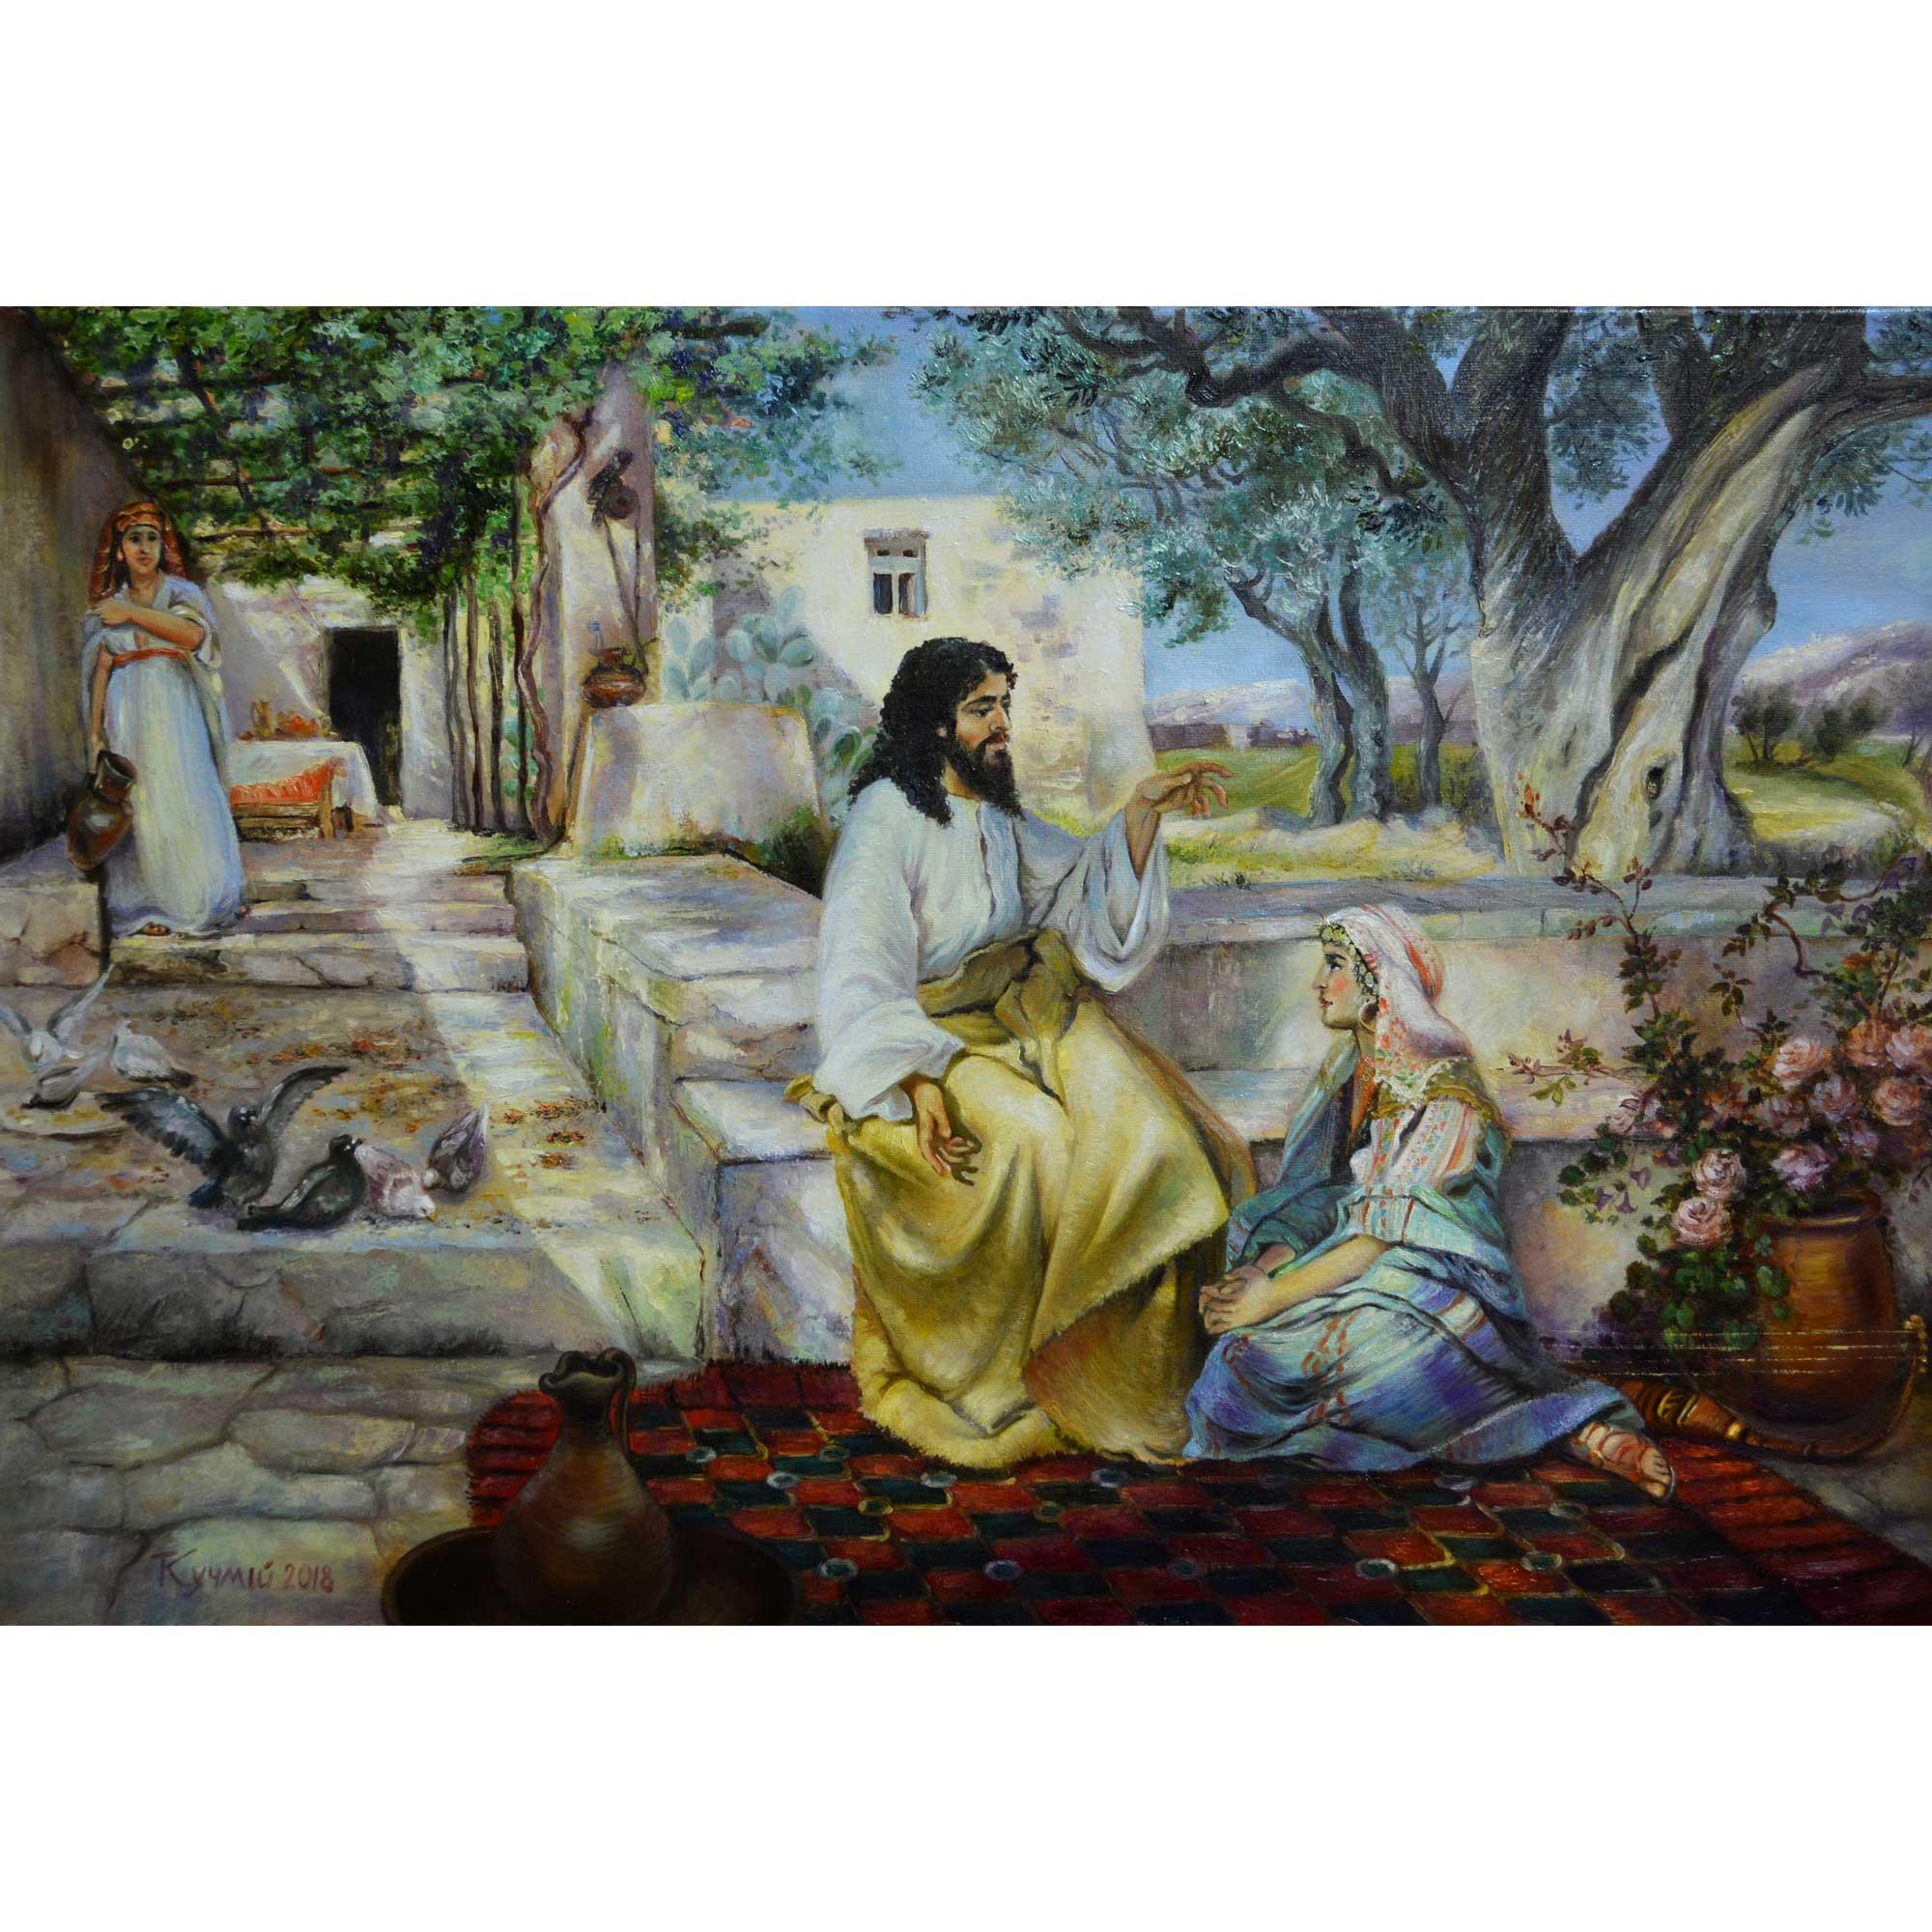 Ісус у Віфанії. 2018. Тетяна Кучмій